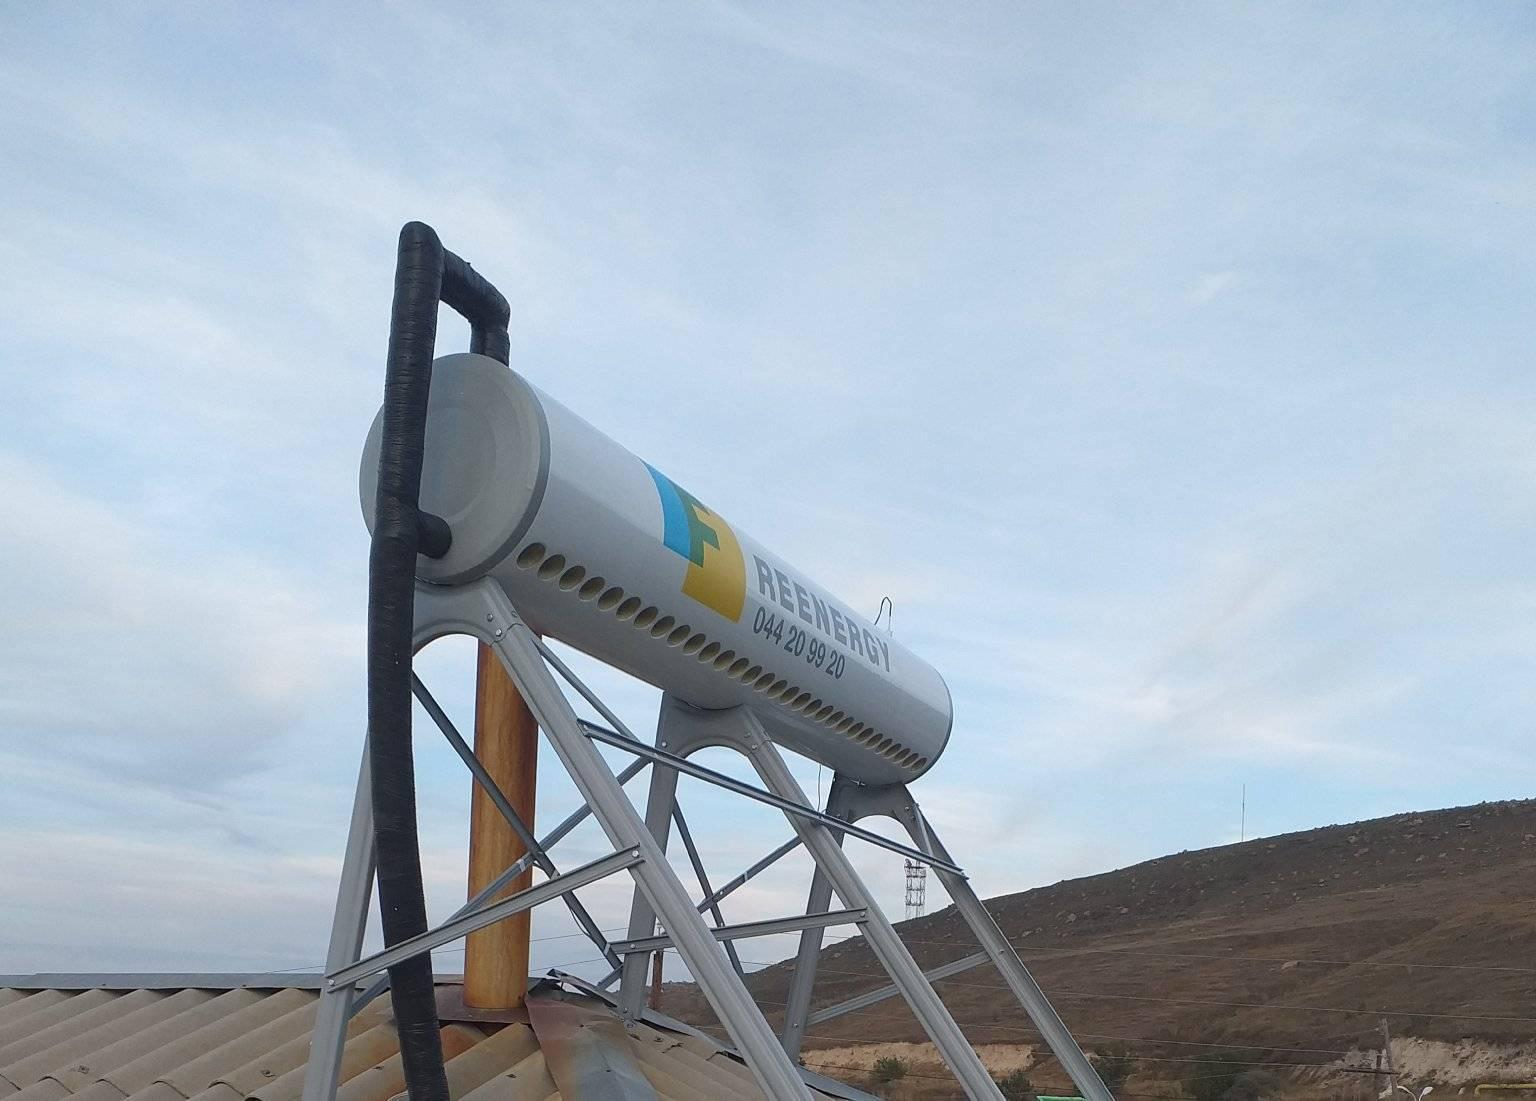 Այգեպարում և Պառավաքարում ավելի քան 60 արևային կայան է տեղադրվում